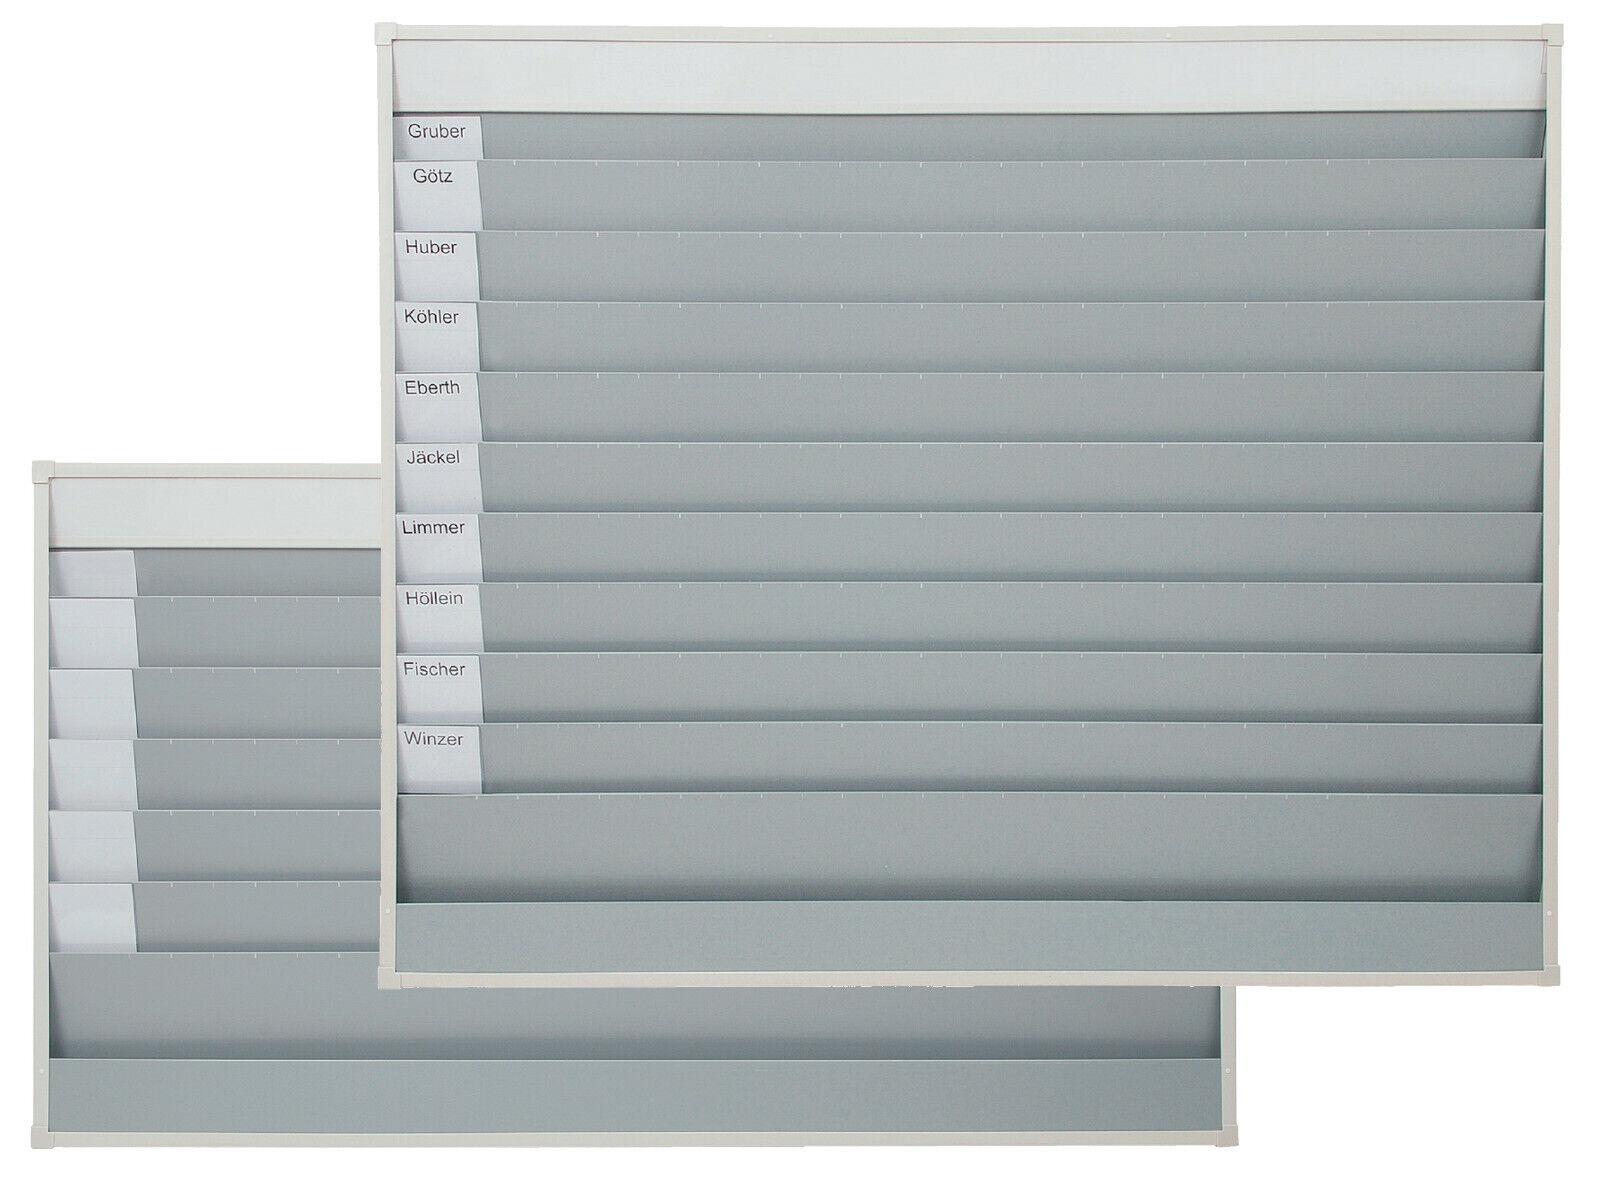 Eichner Planungstafel Werkstattplaner Stecktafel Werkstatttafel Fächer breit